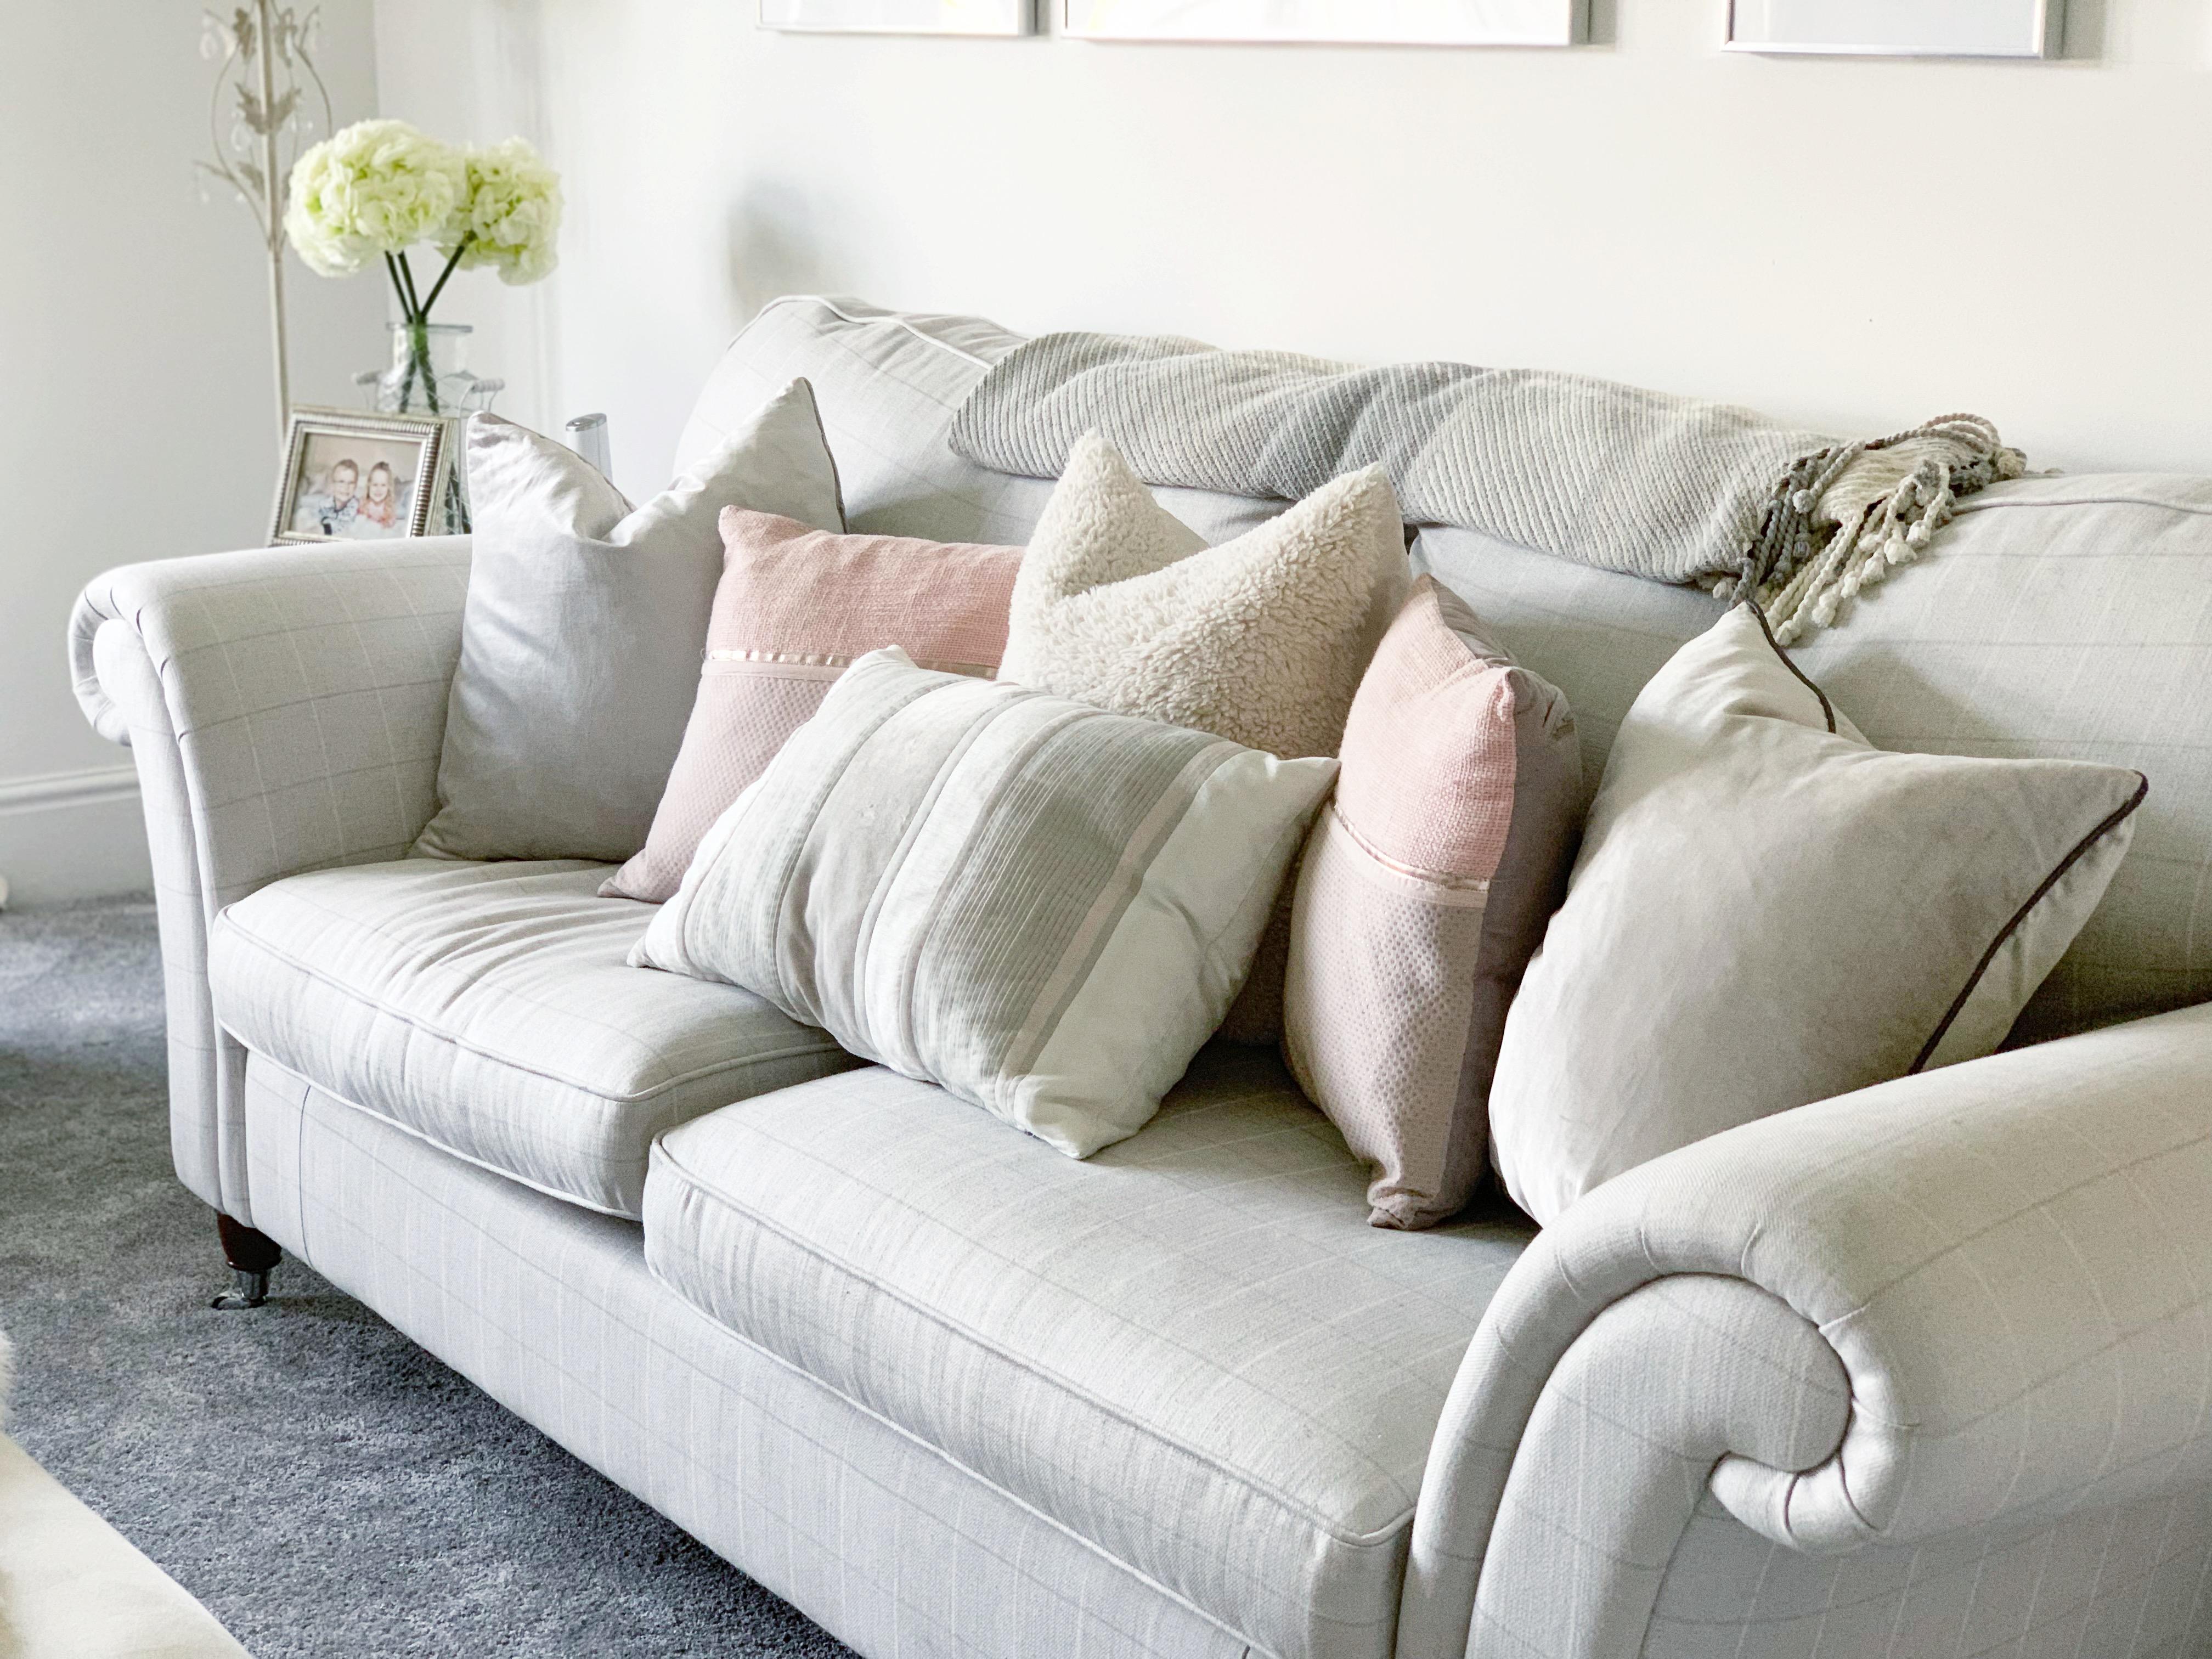 ROOM TOUR: New living room design featuring Desenio